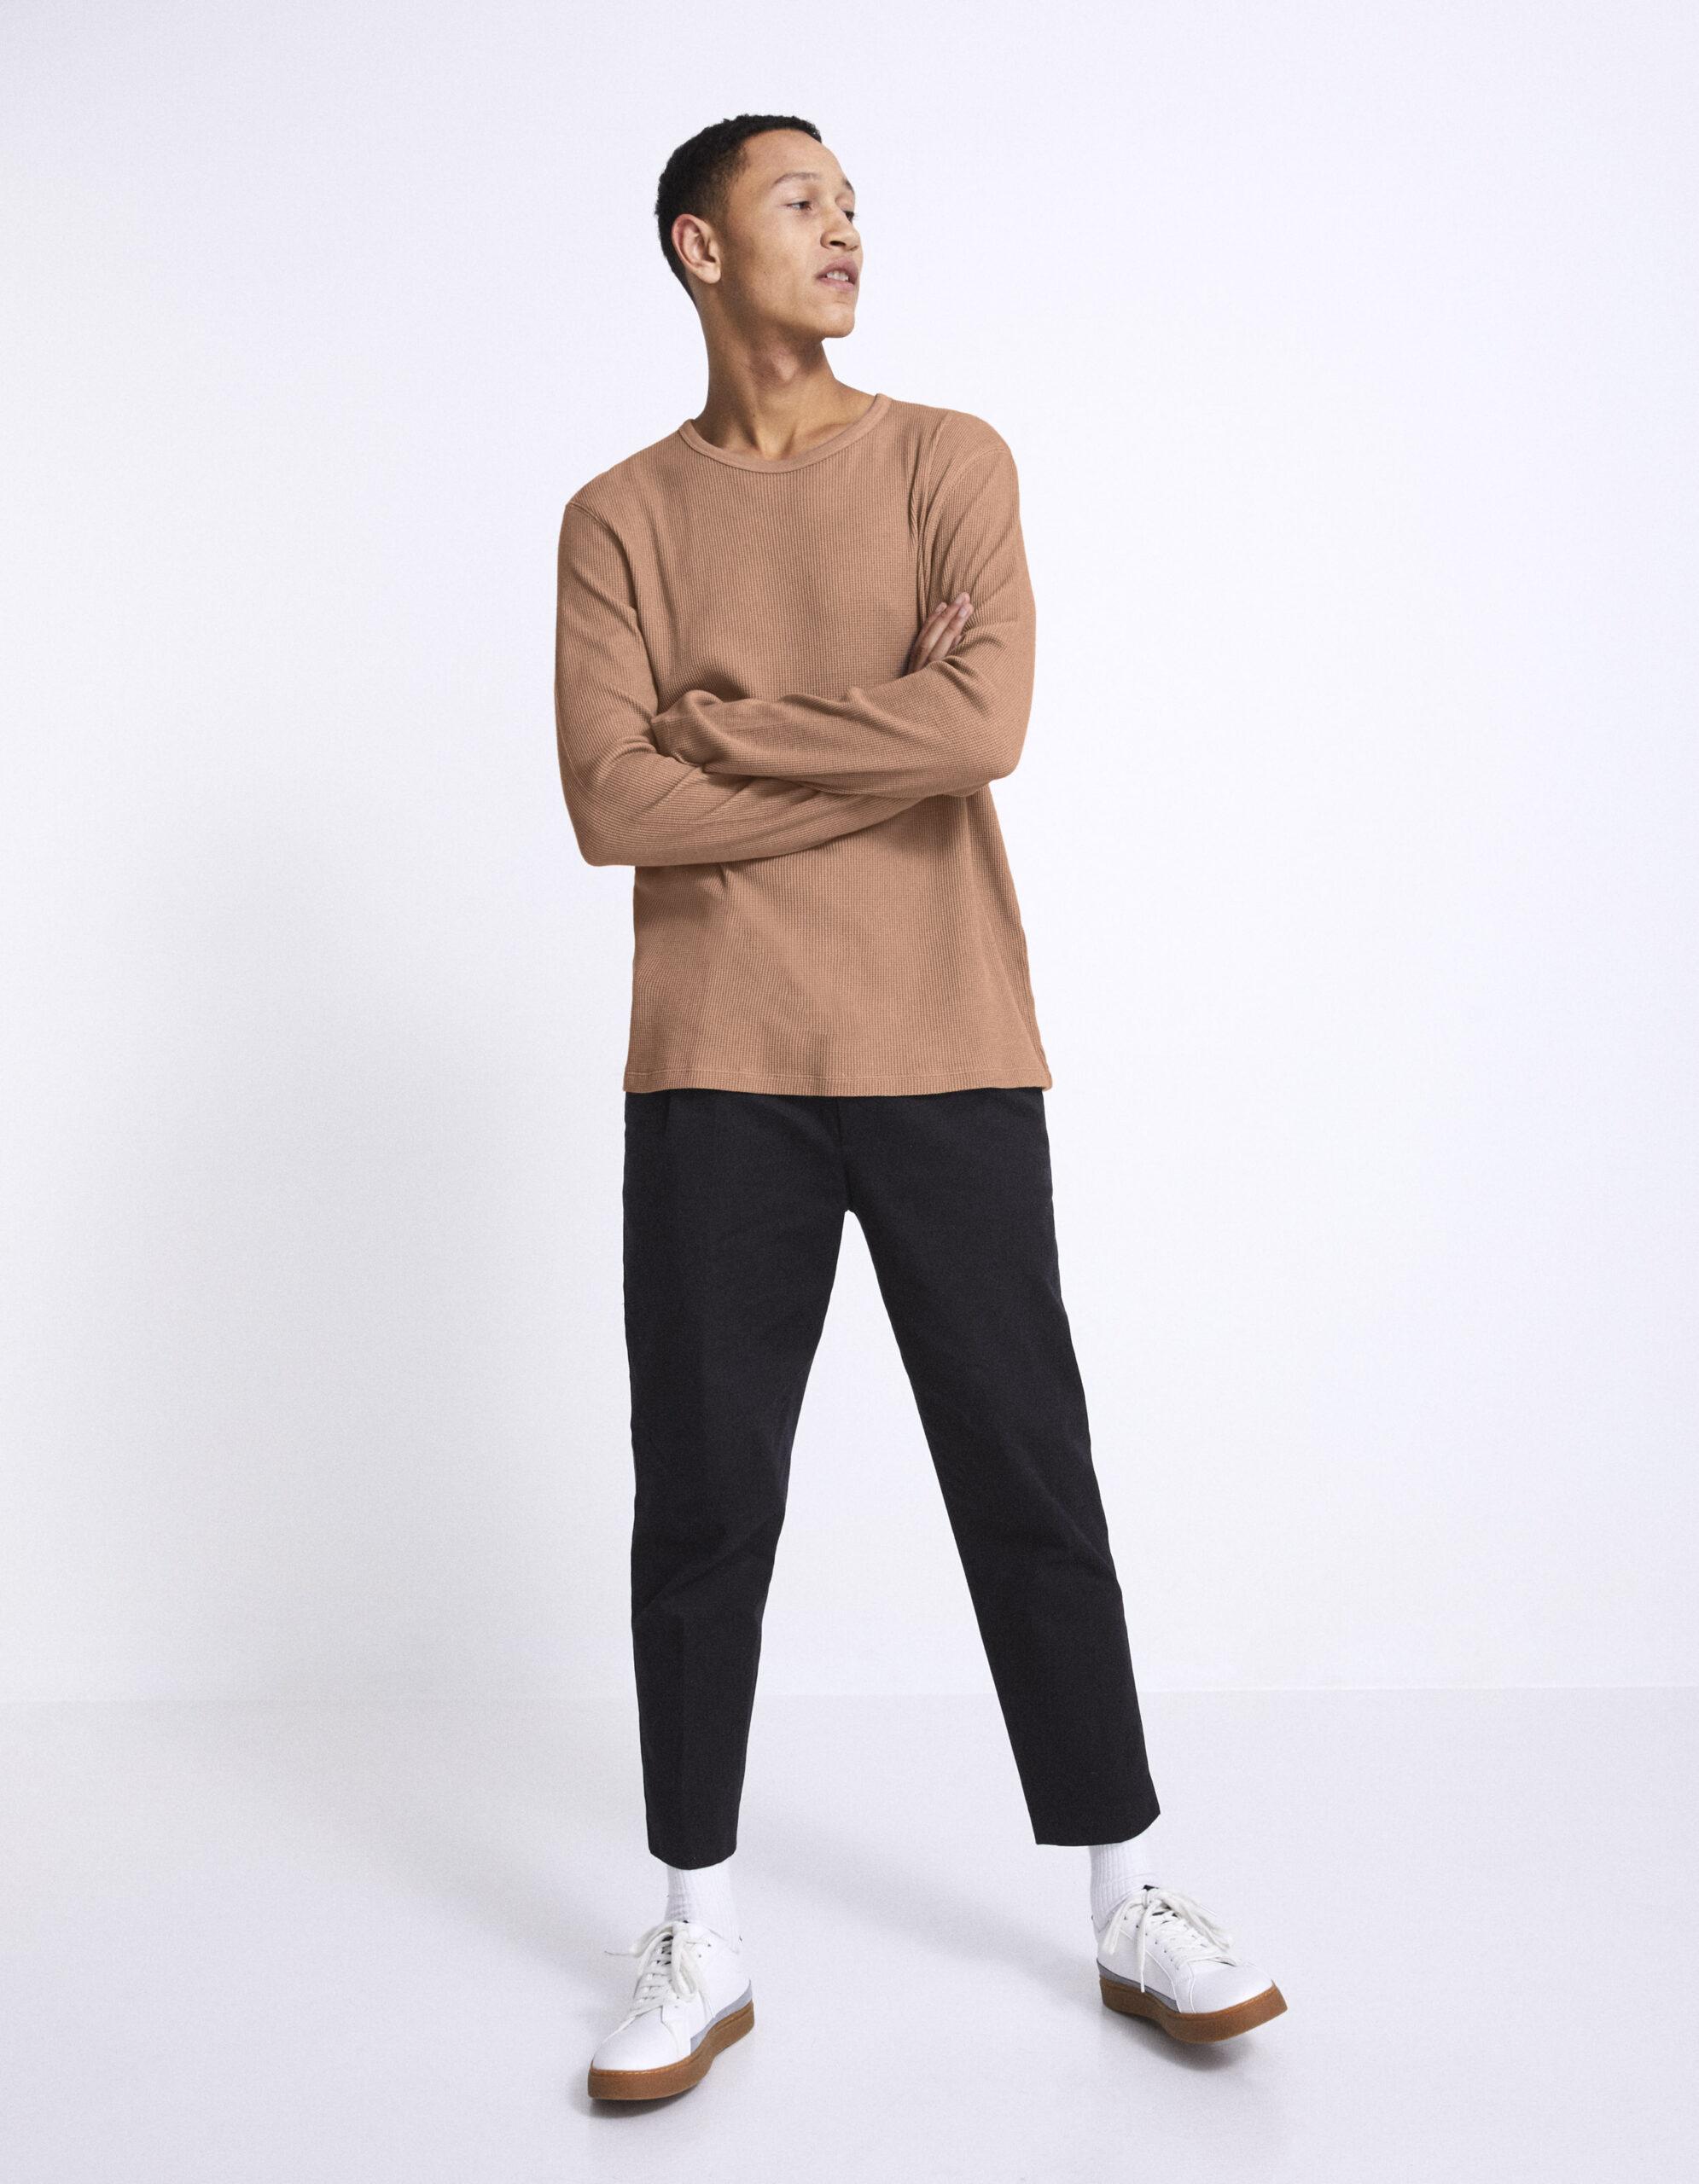 חולצת טי שרוול ארוך, 100% כותנה